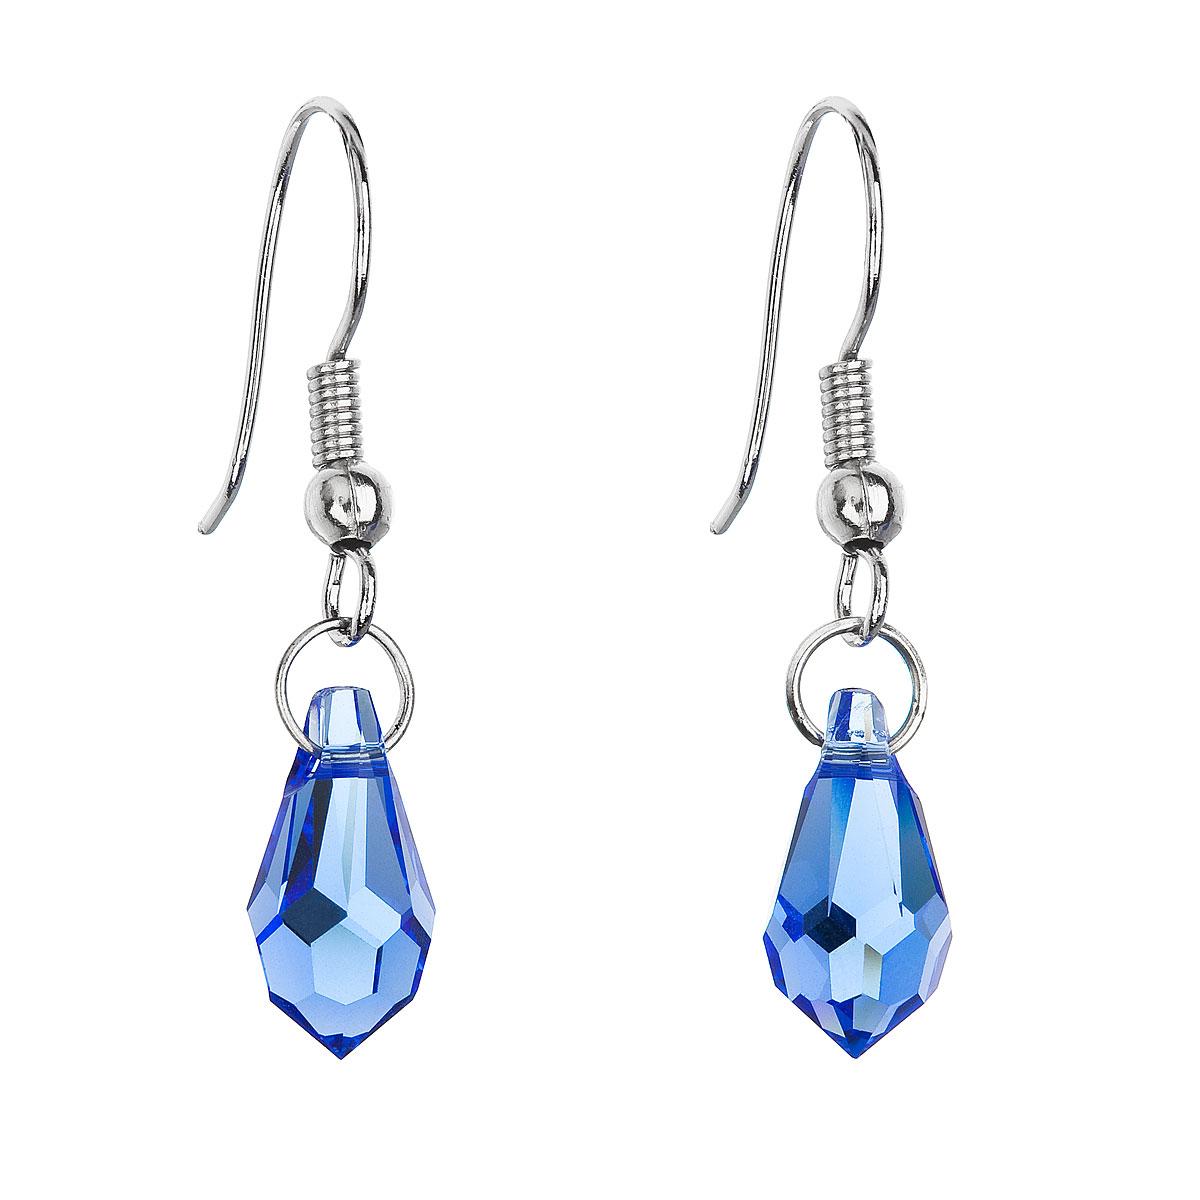 Náušnice bižutéria so Swarovski krištáľmi modrá slza 56005.3 sapphire